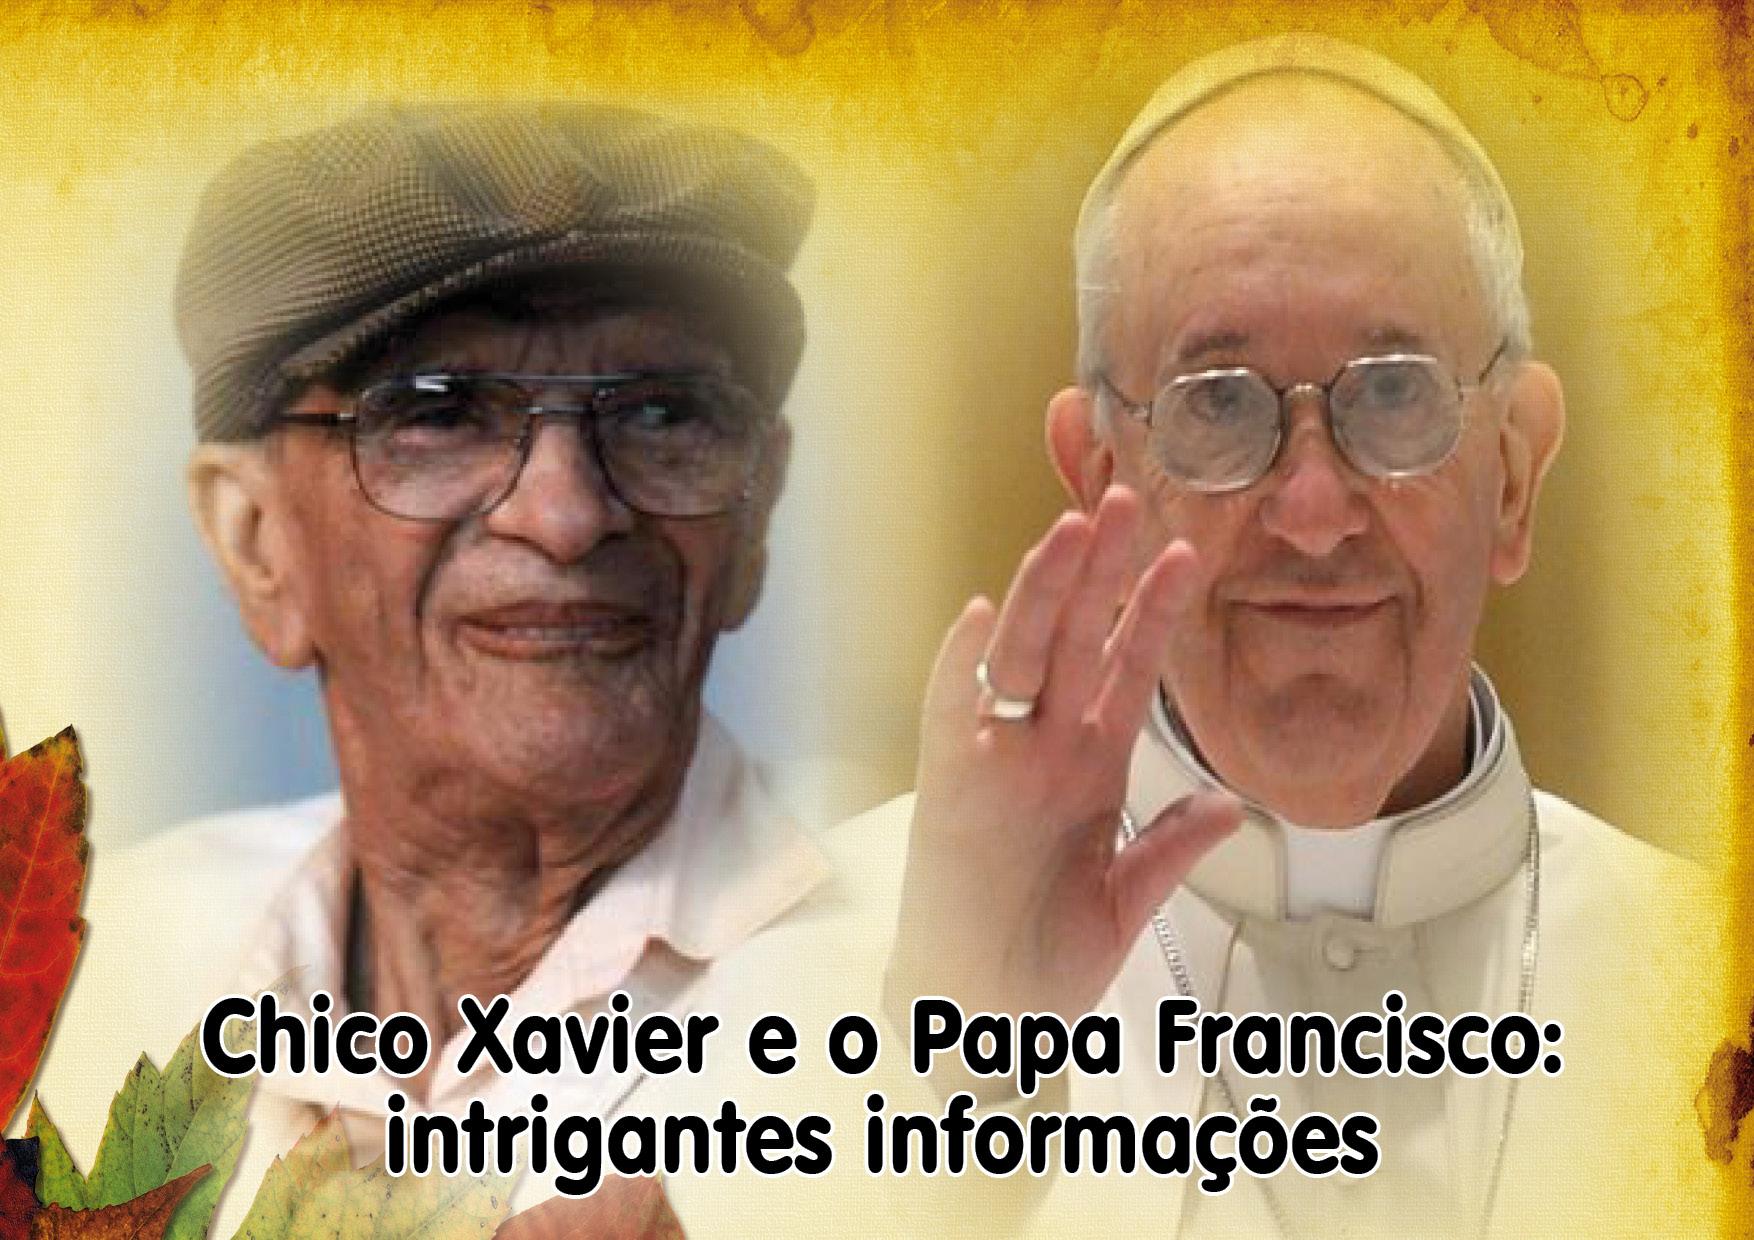 Xavier Livros Chico Xavier Livro Espírita Livraria Espírita #AD831E 1754 1240